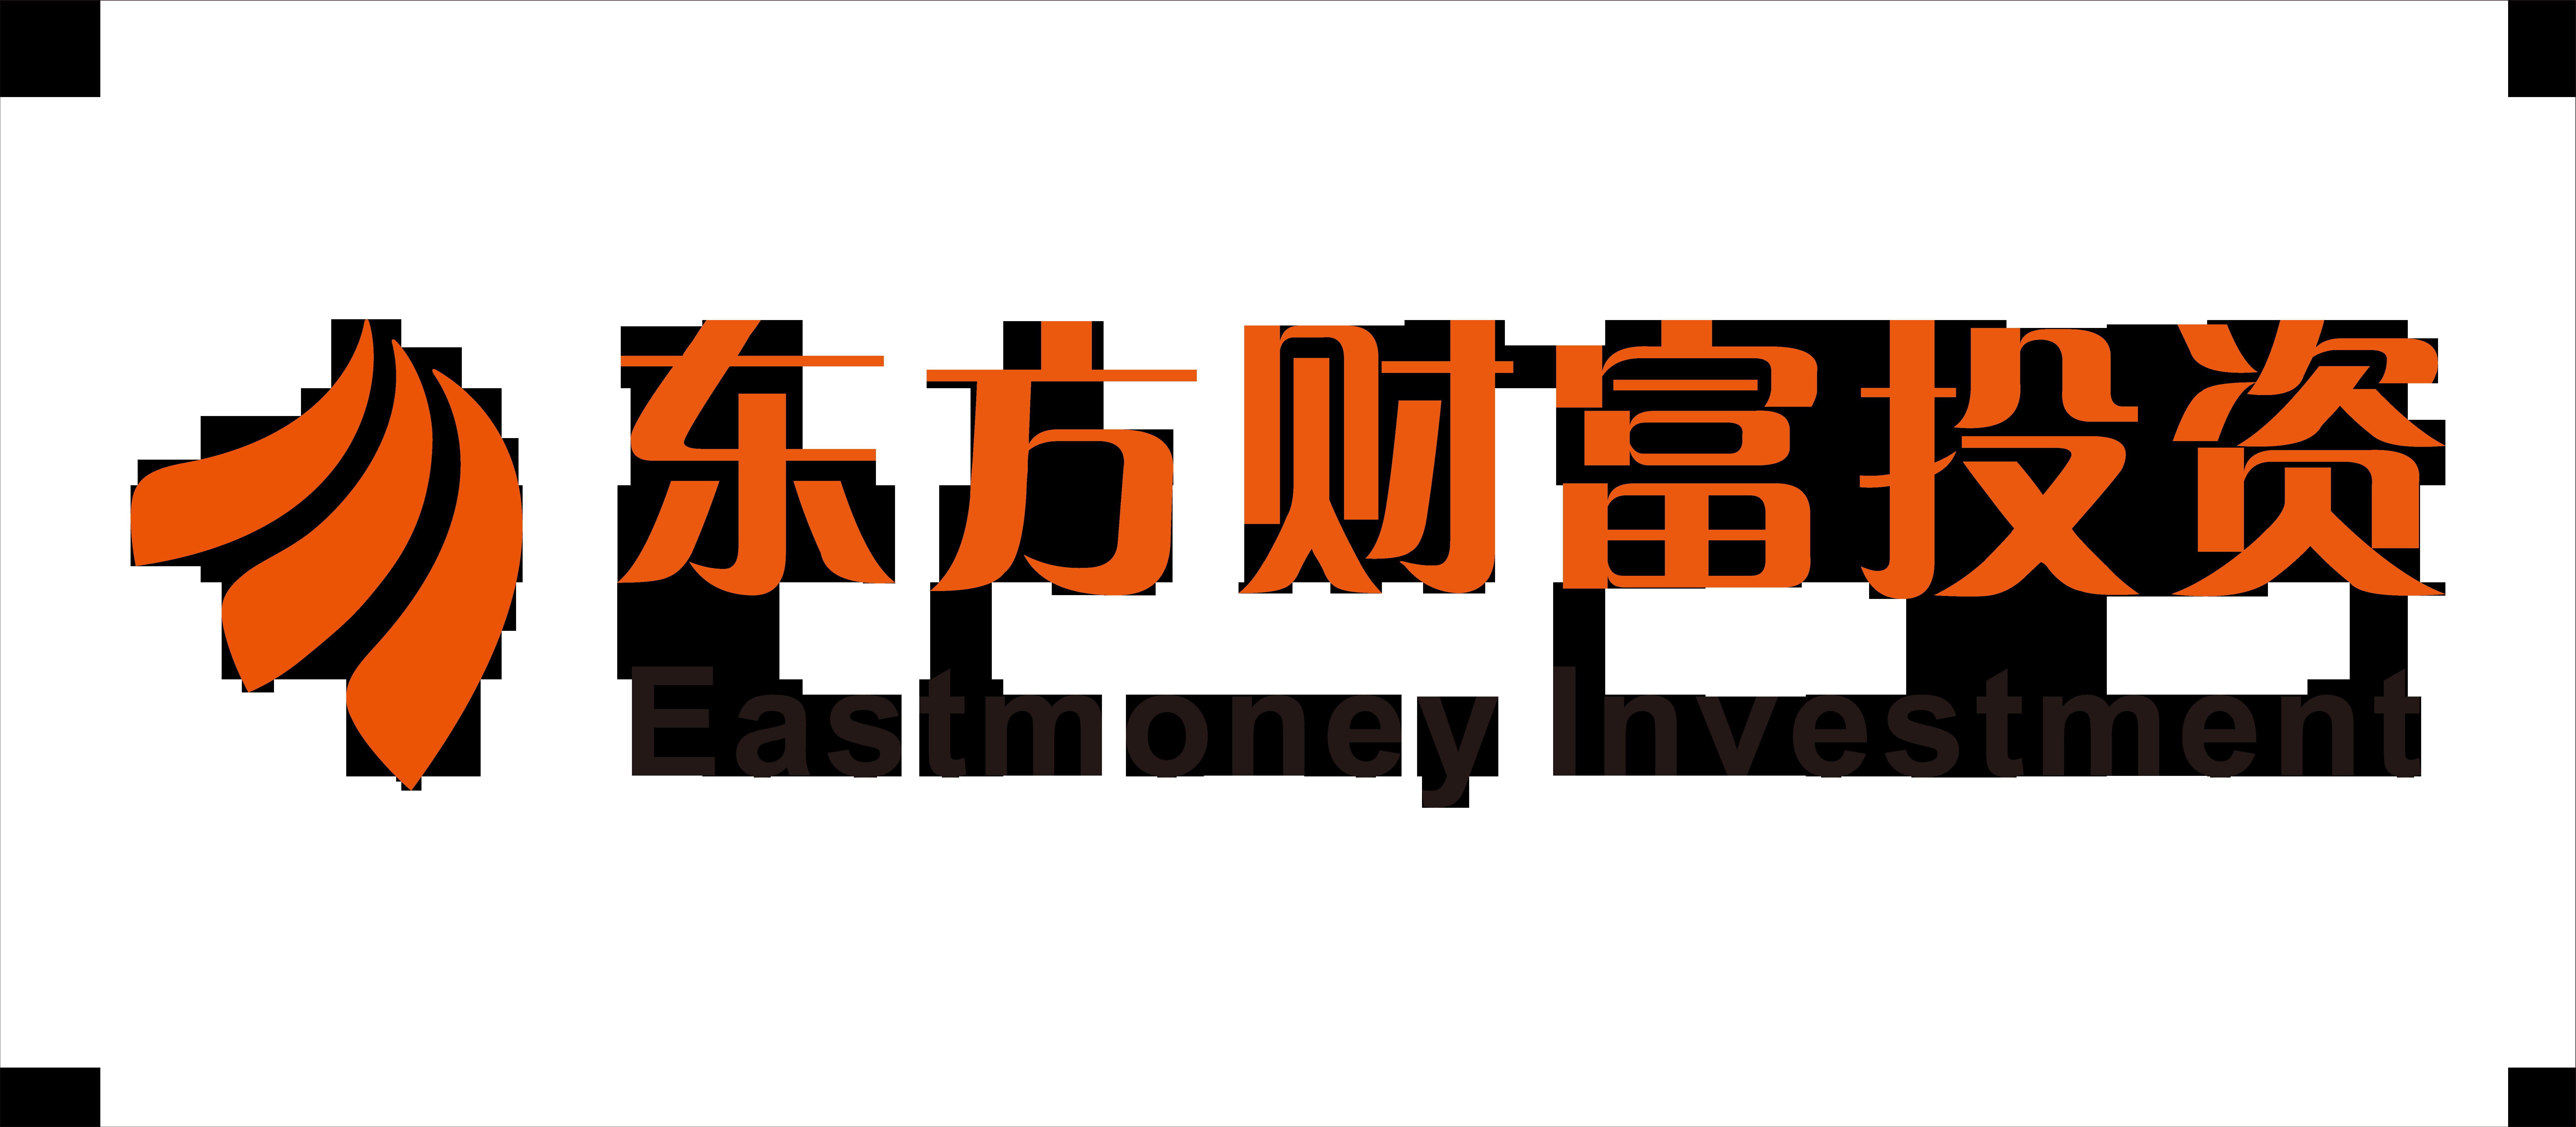 东财投资标志